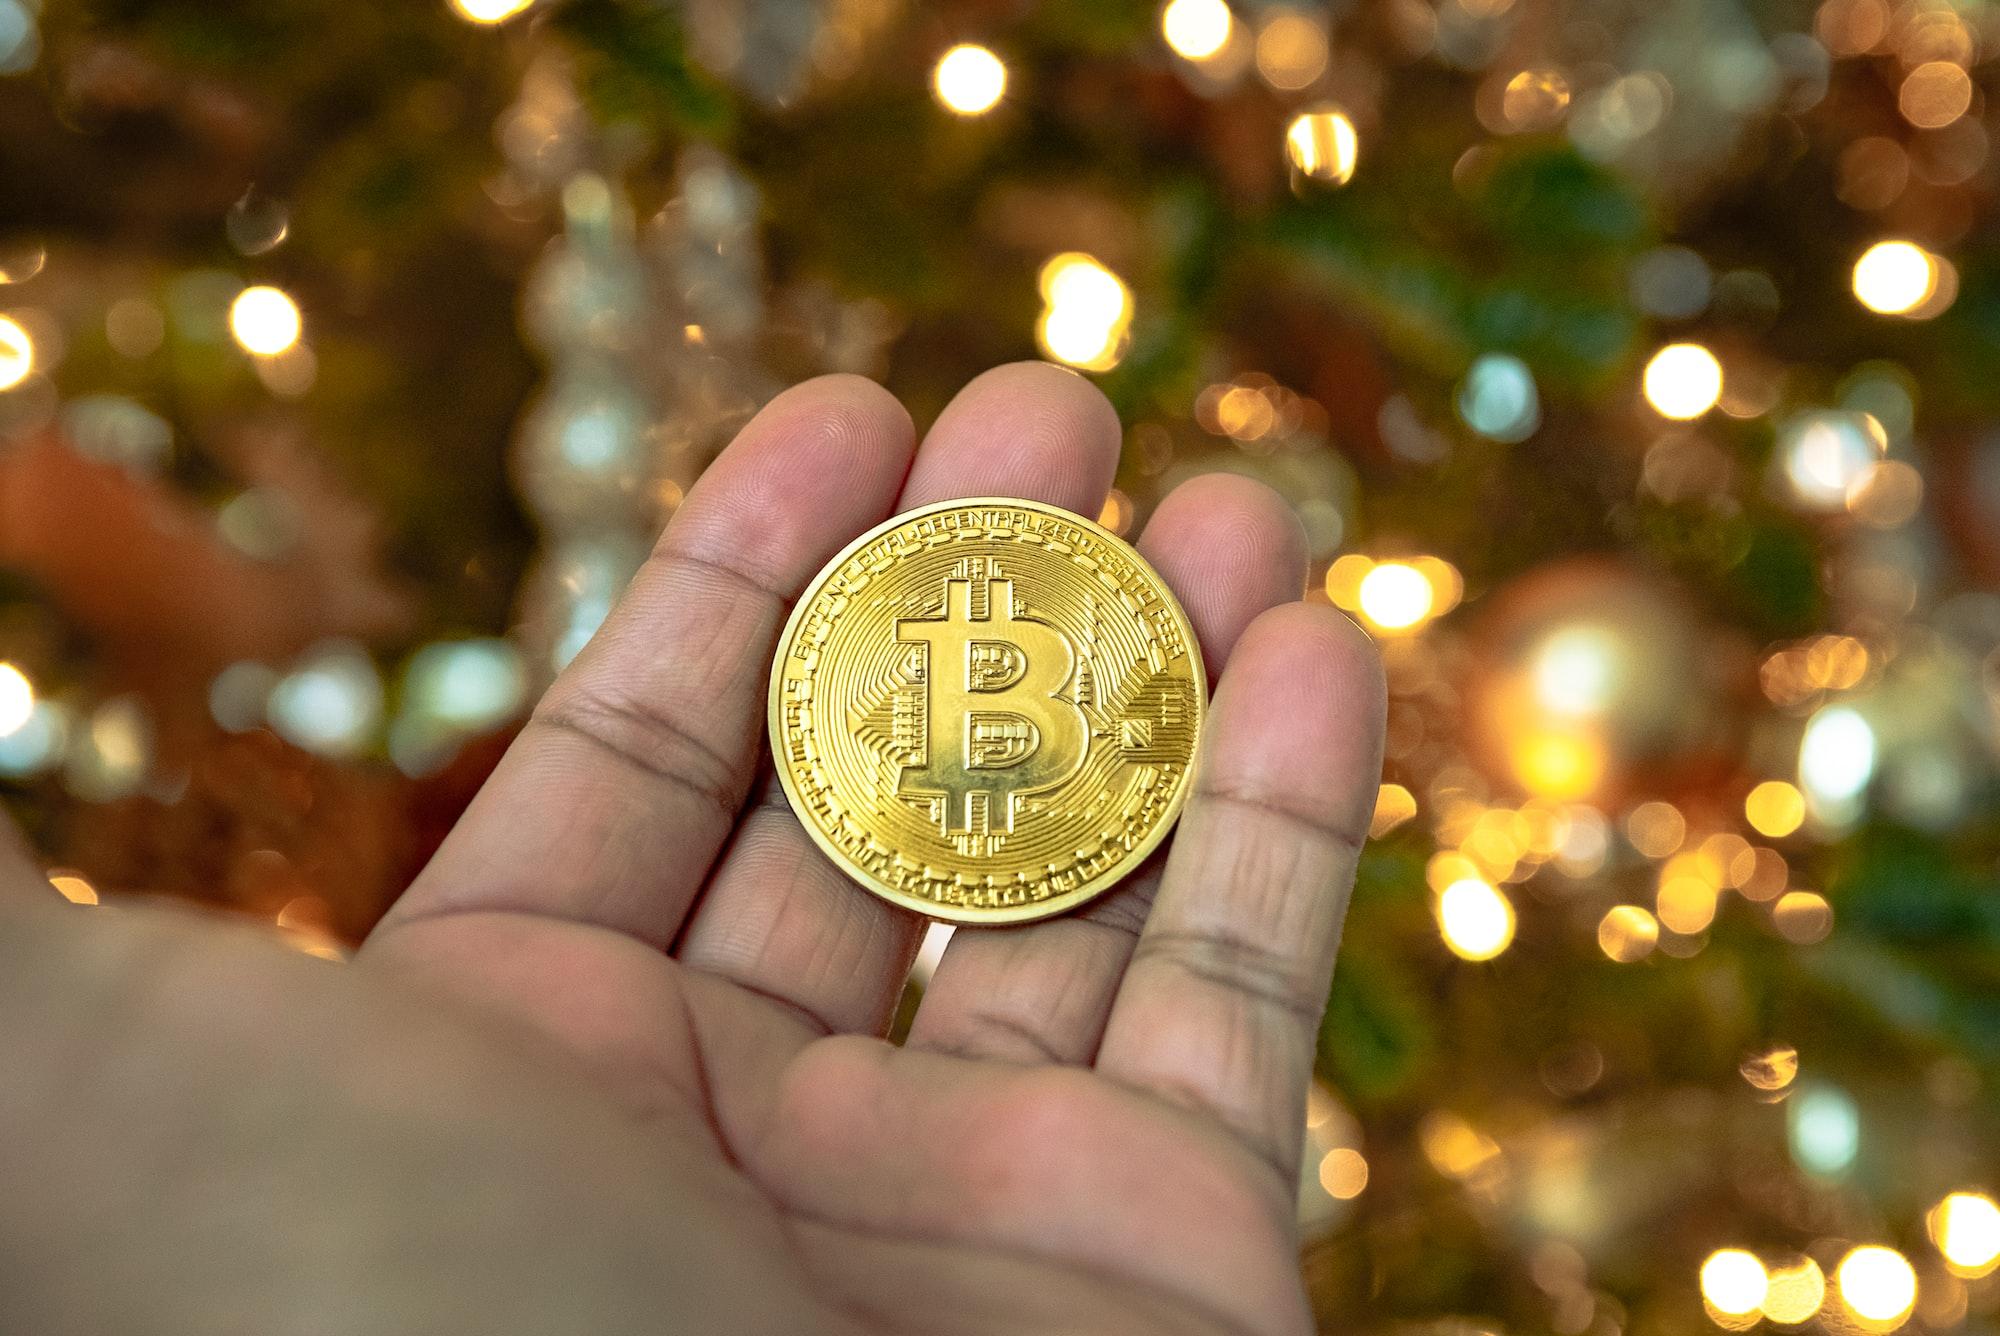 ข้อมูล On-Chain เผยแรงเทขาย Bitcoin กำลังลดน้อยลง เพราะอะไร?